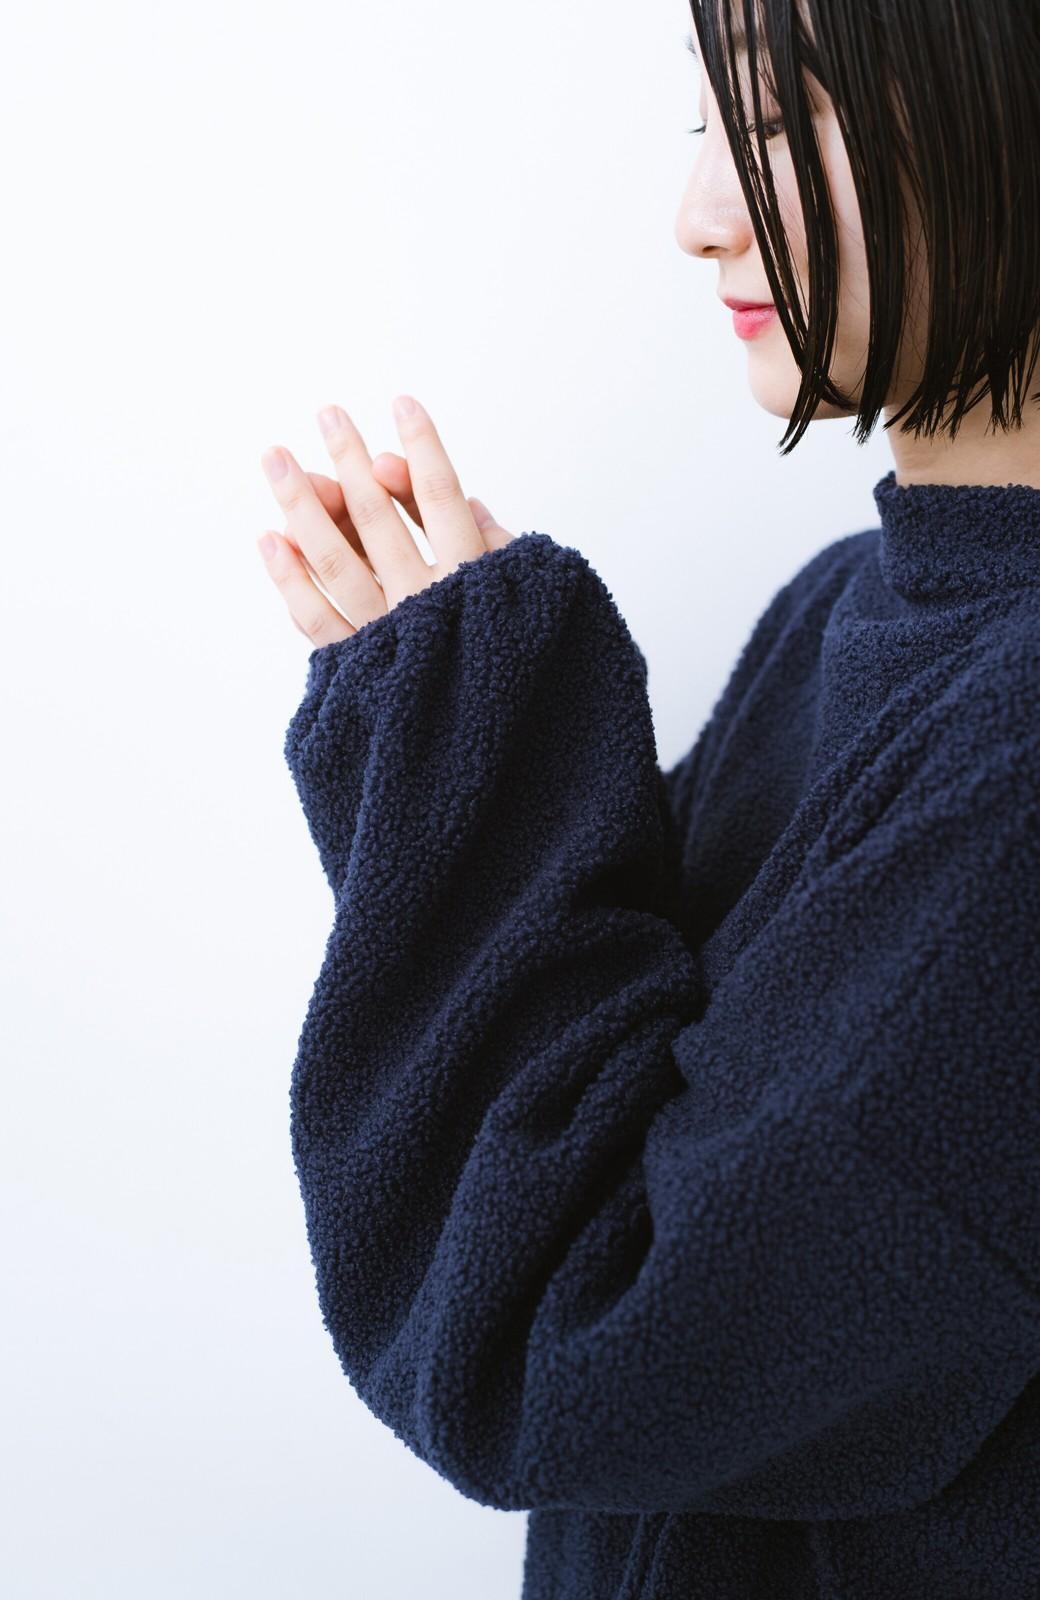 haco! むくみもすぽっと隠してくれる 楽ちんボアロングワンピ&裏起毛レギンスセット【まったり期~もやもや期】女の子バンザイ!プロジェクト  <ネイビー>の商品写真6